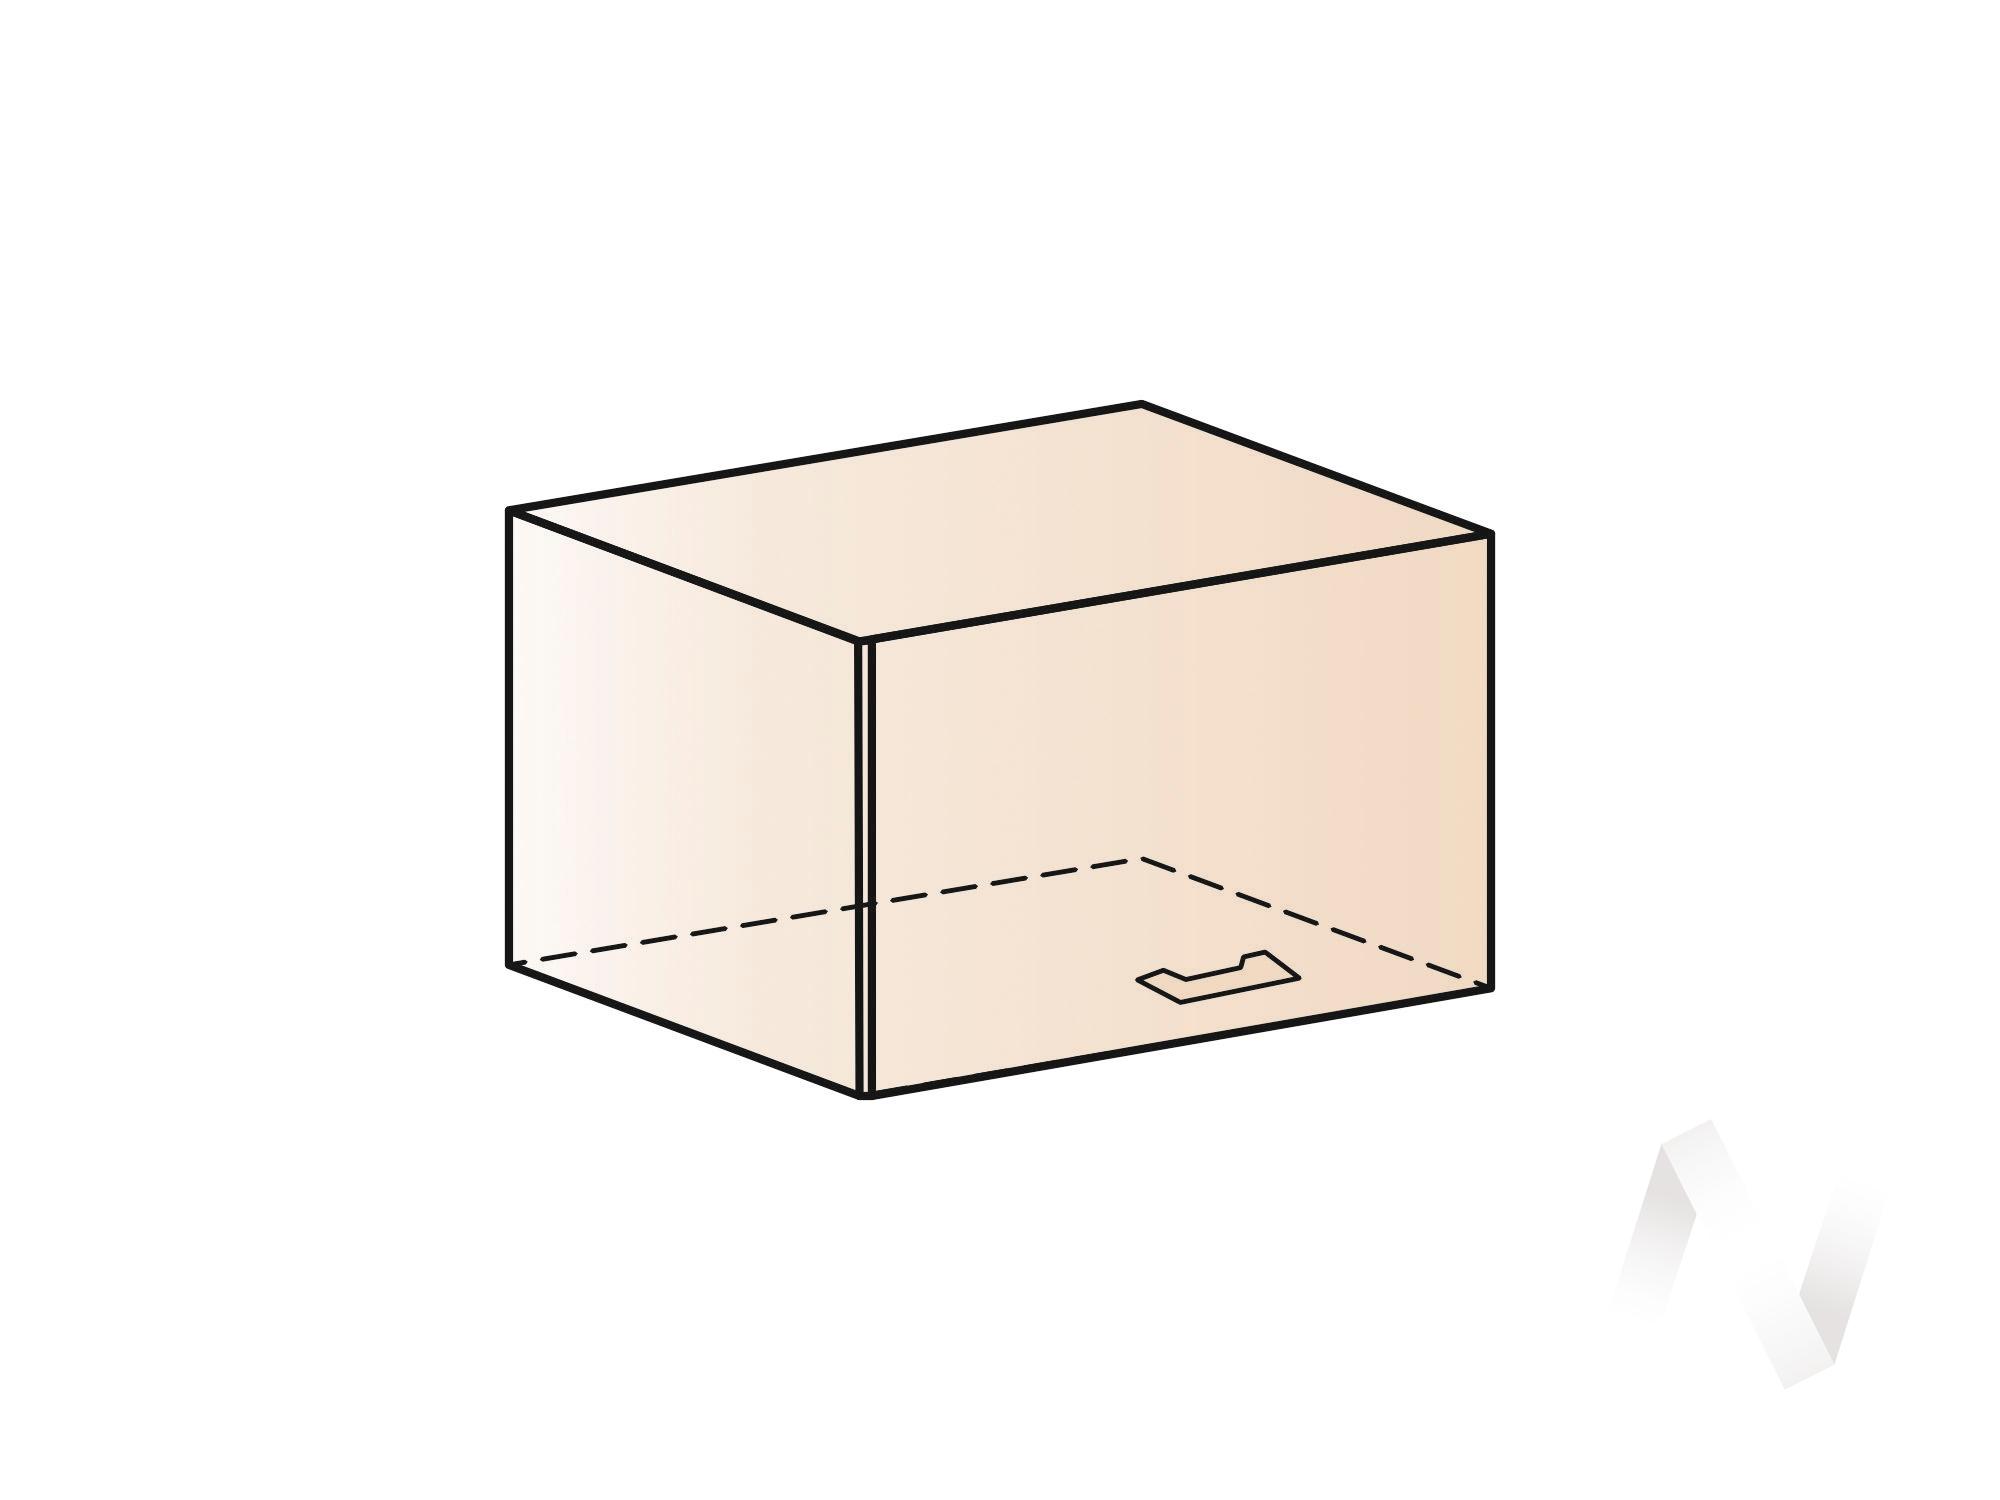 """Кухня """"Люкс"""": Шкаф верхний горизонтальный 600, ШВГ 600 (Шоколад матовый/корпус белый) в Томске — авторская мебель Экостиль"""